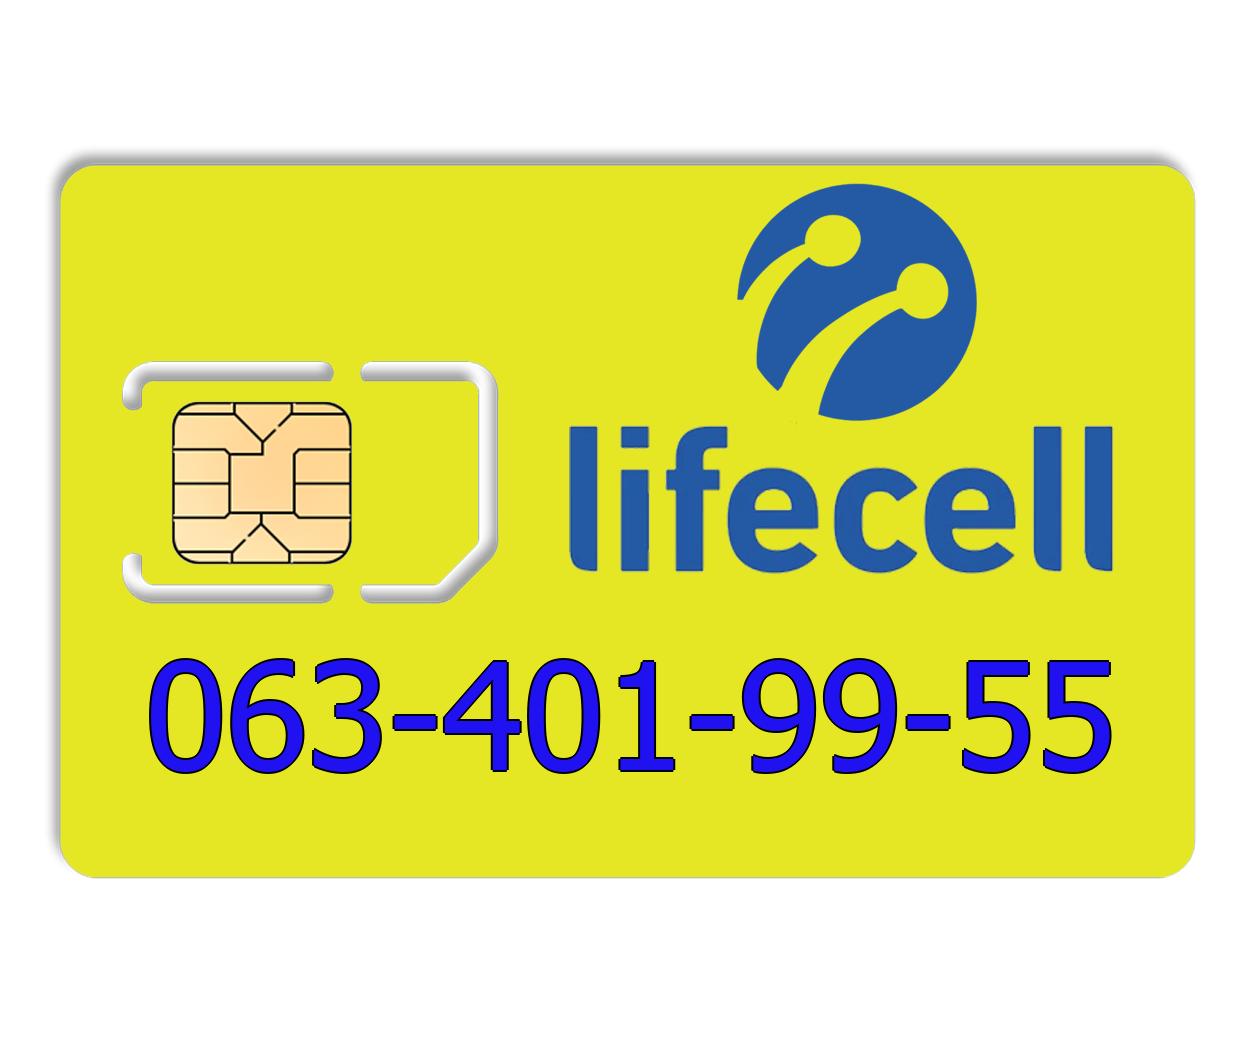 Красивый номер lifecell 063-401-99-55